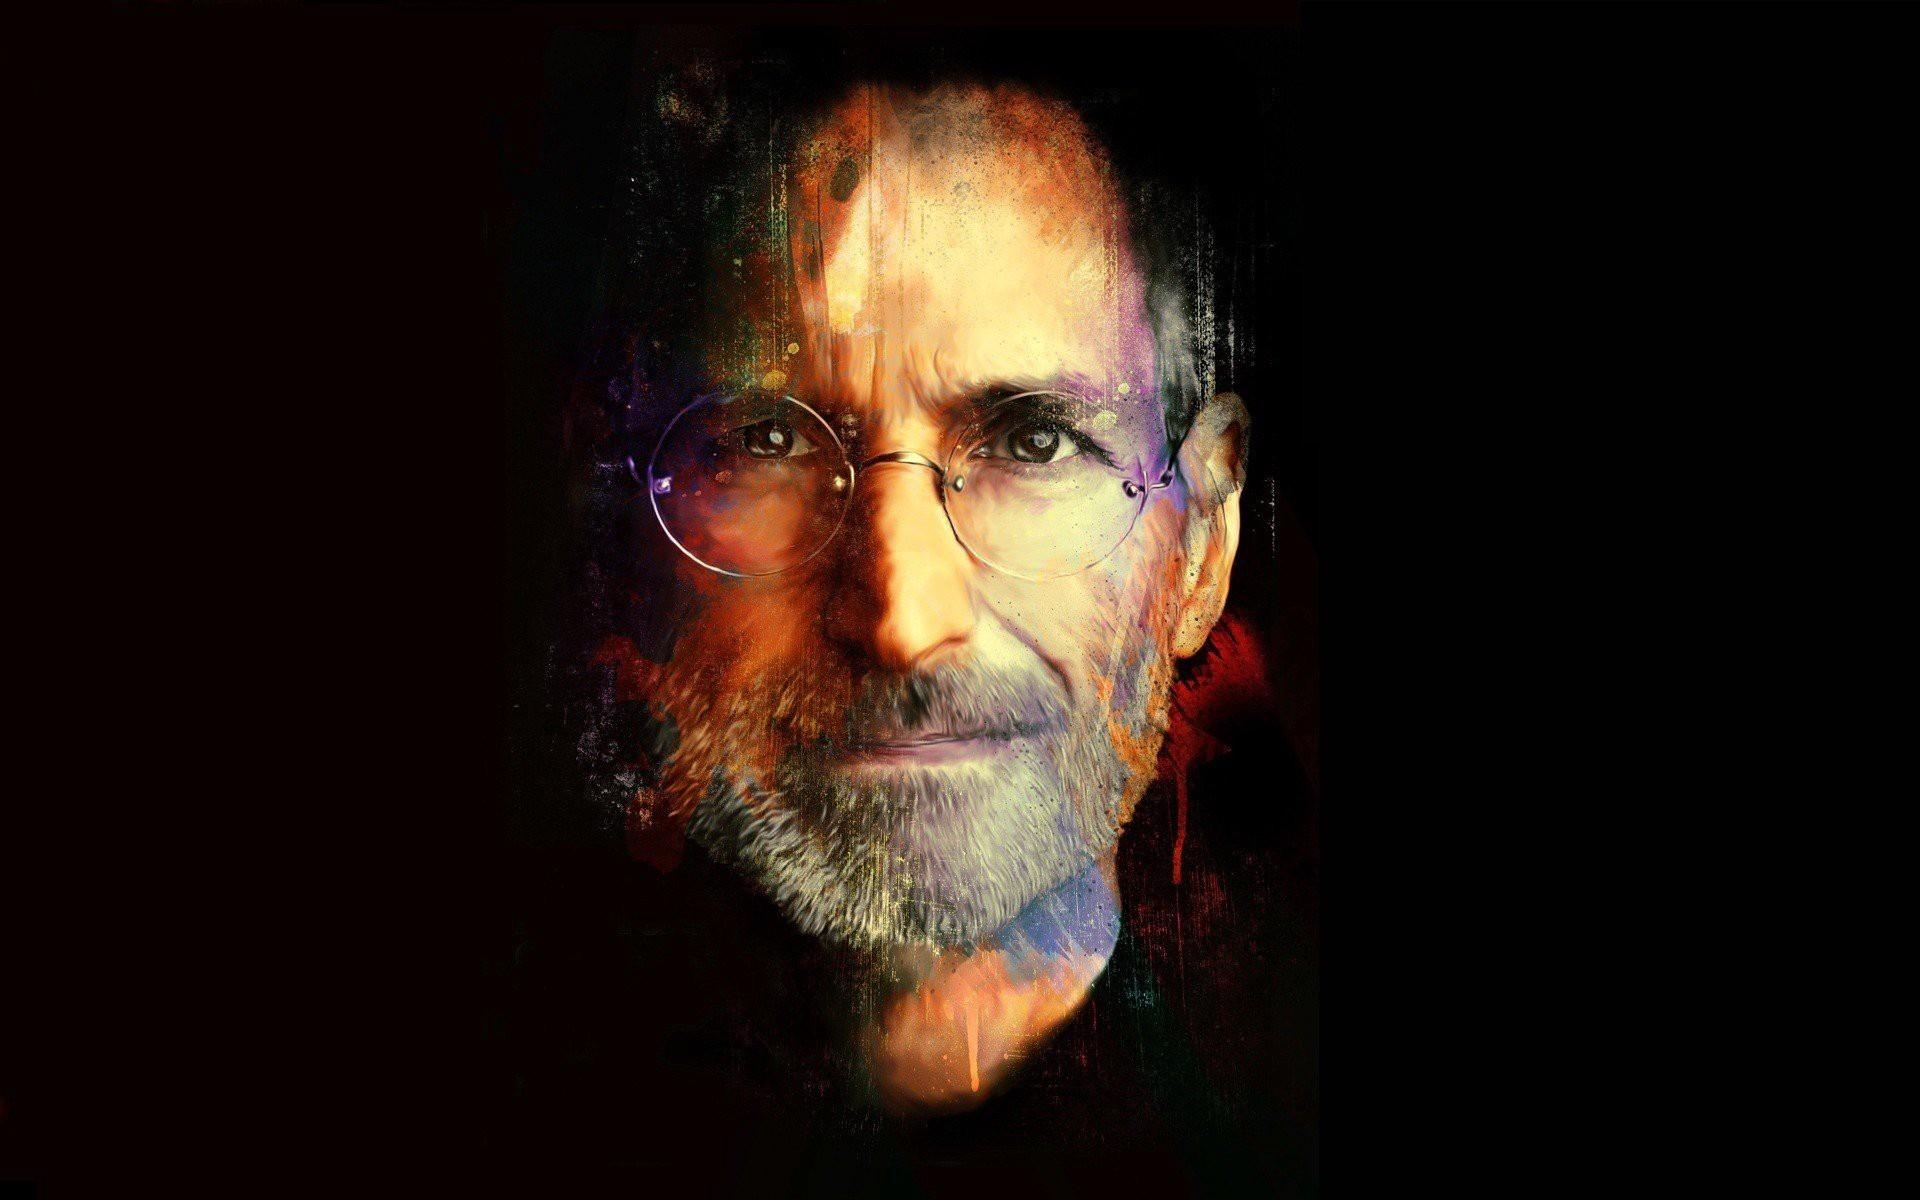 Что, по мнению Стива Джобса, отличает людей дела от пустых мечтателей?